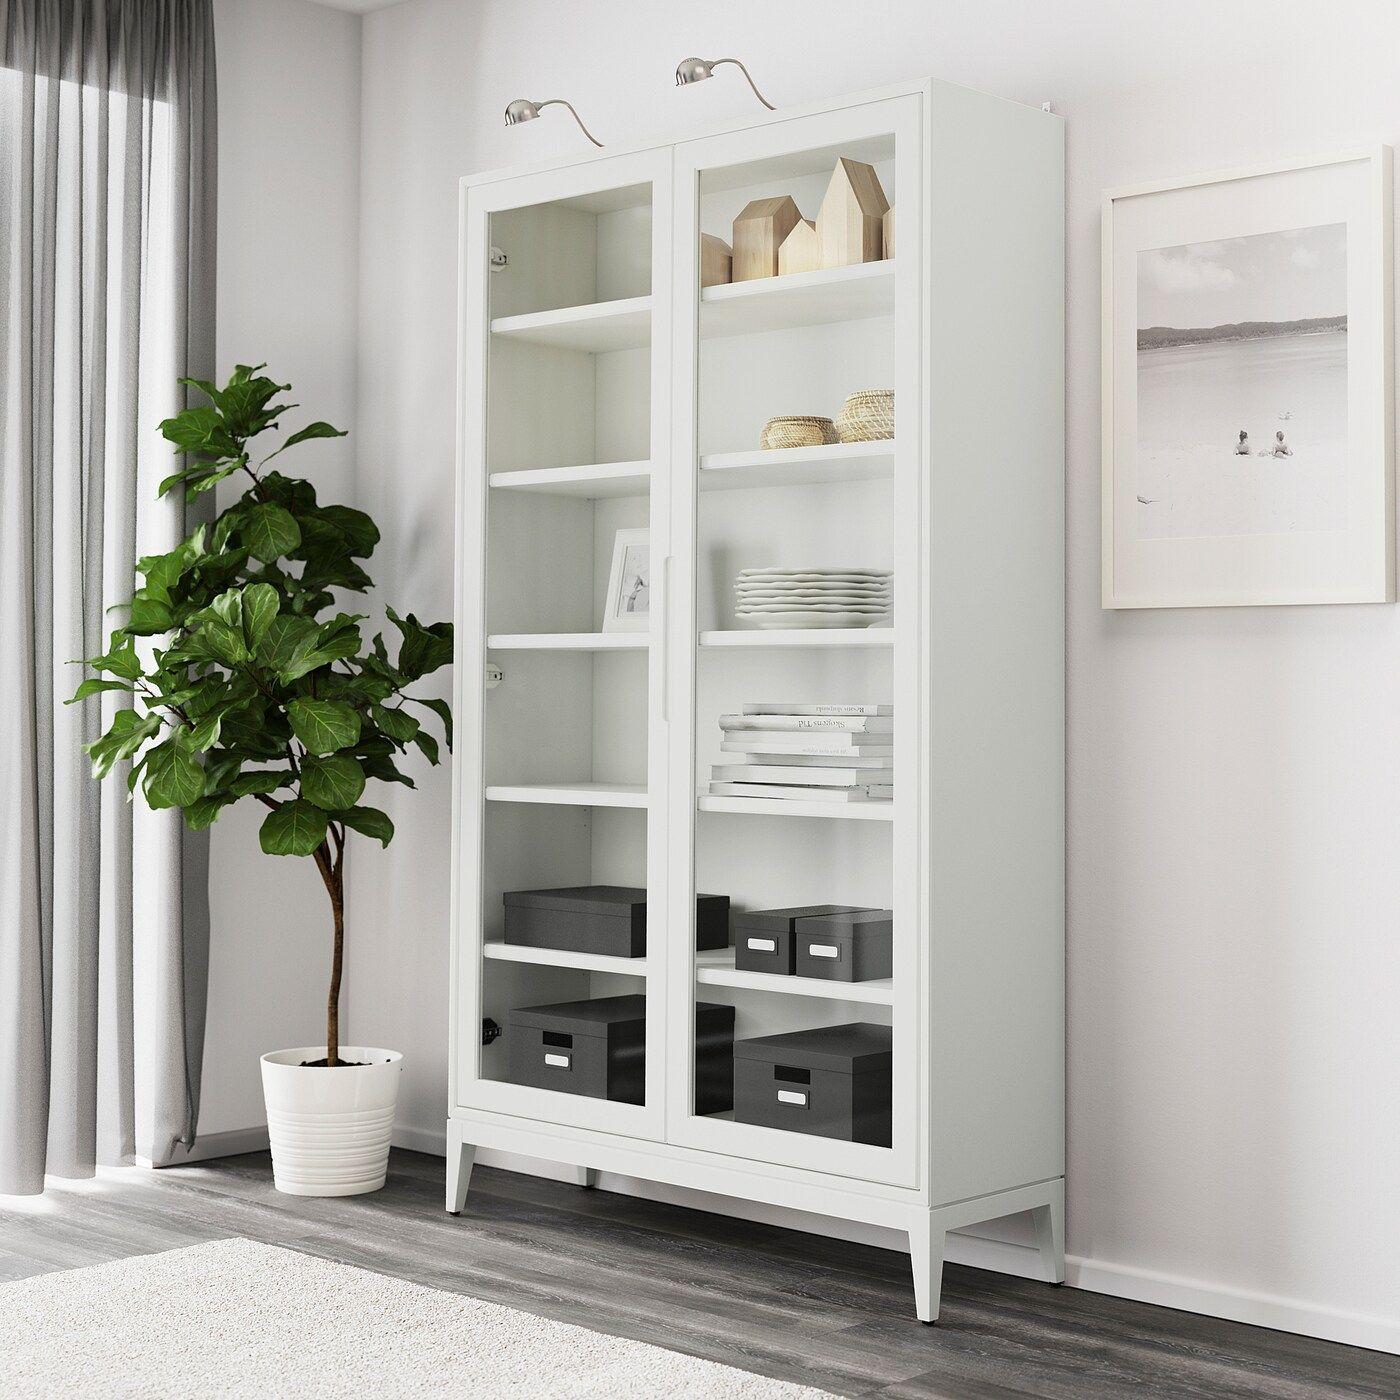 Ikea 食器 棚